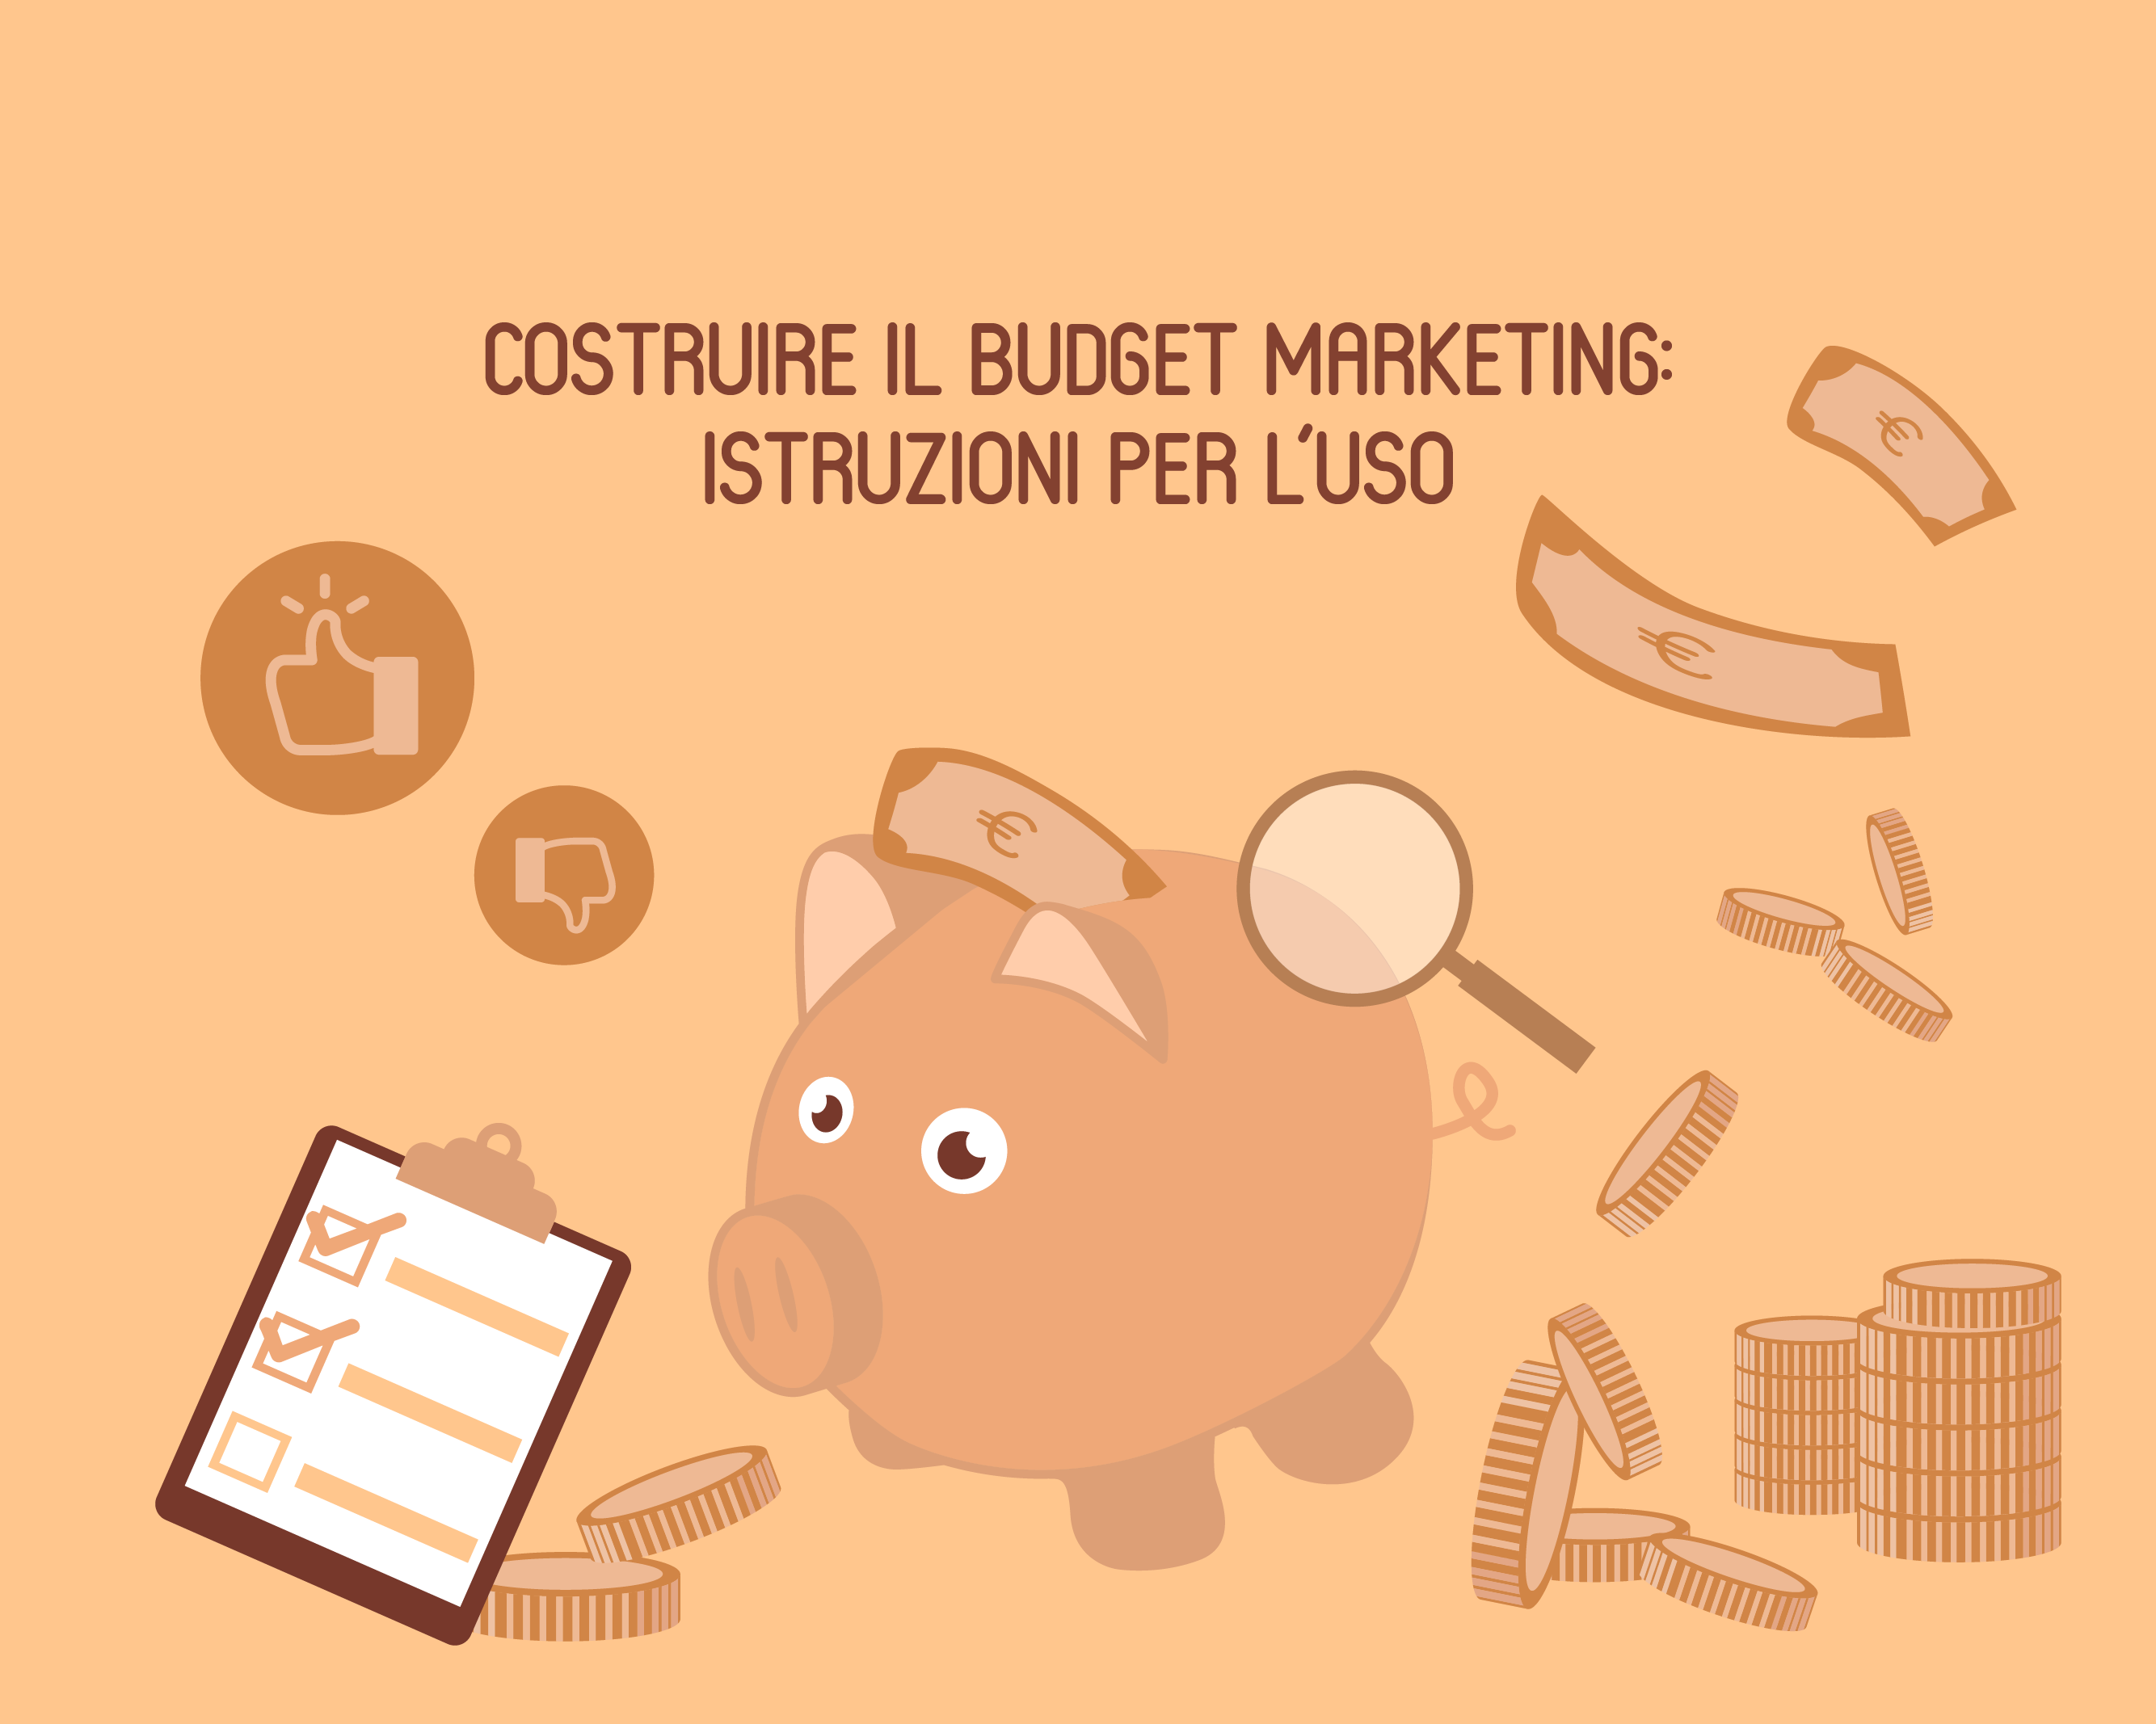 Costruire il budget marketing: istruzioni per l'uso